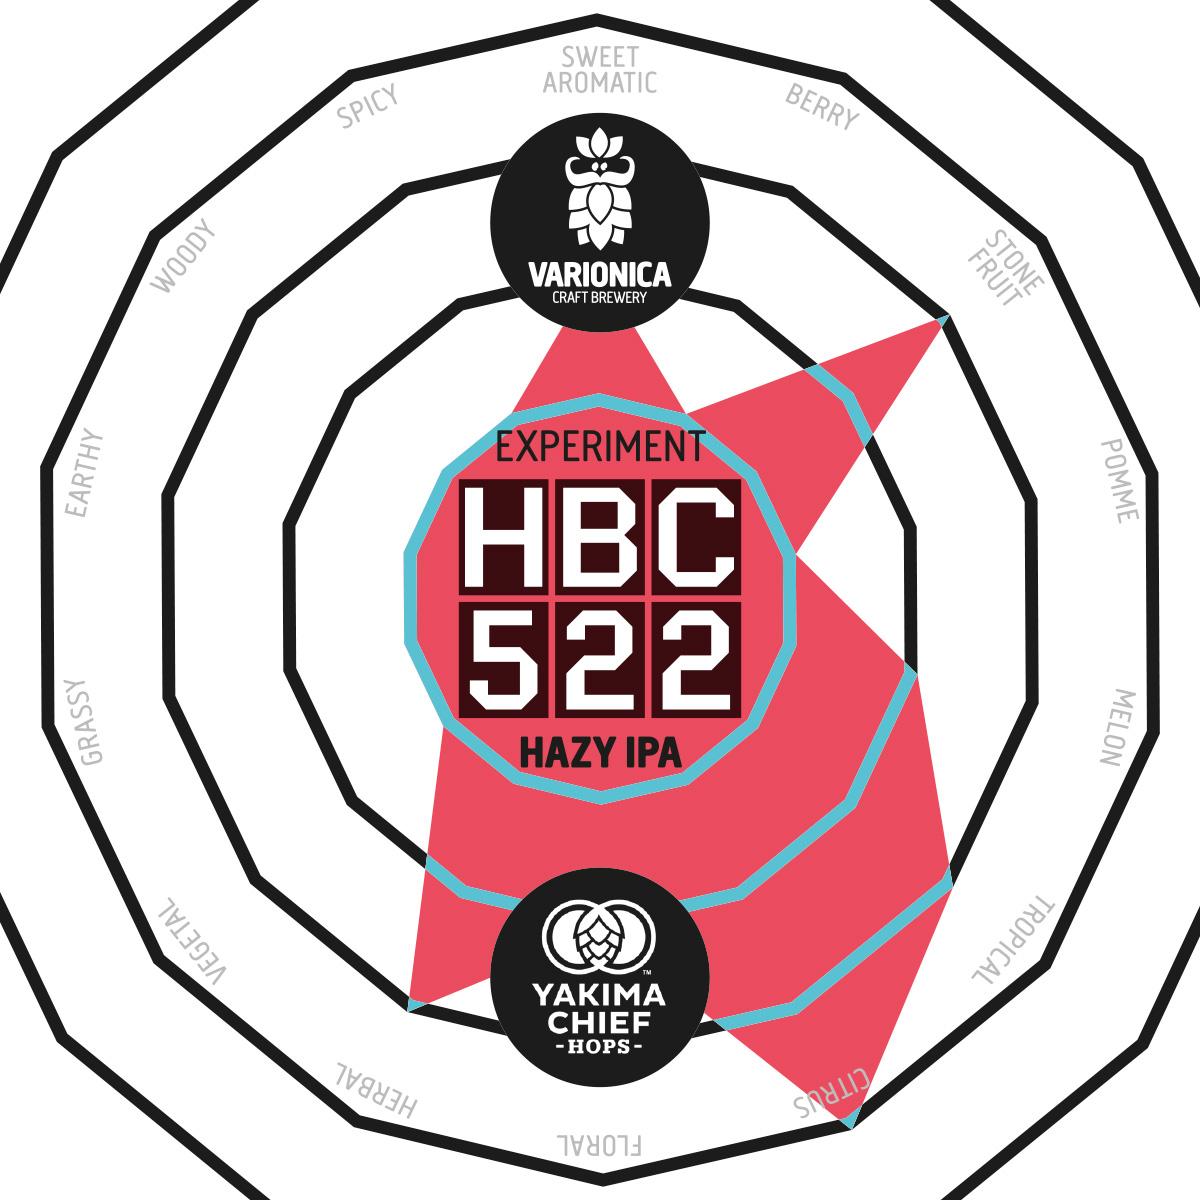 HBC 522